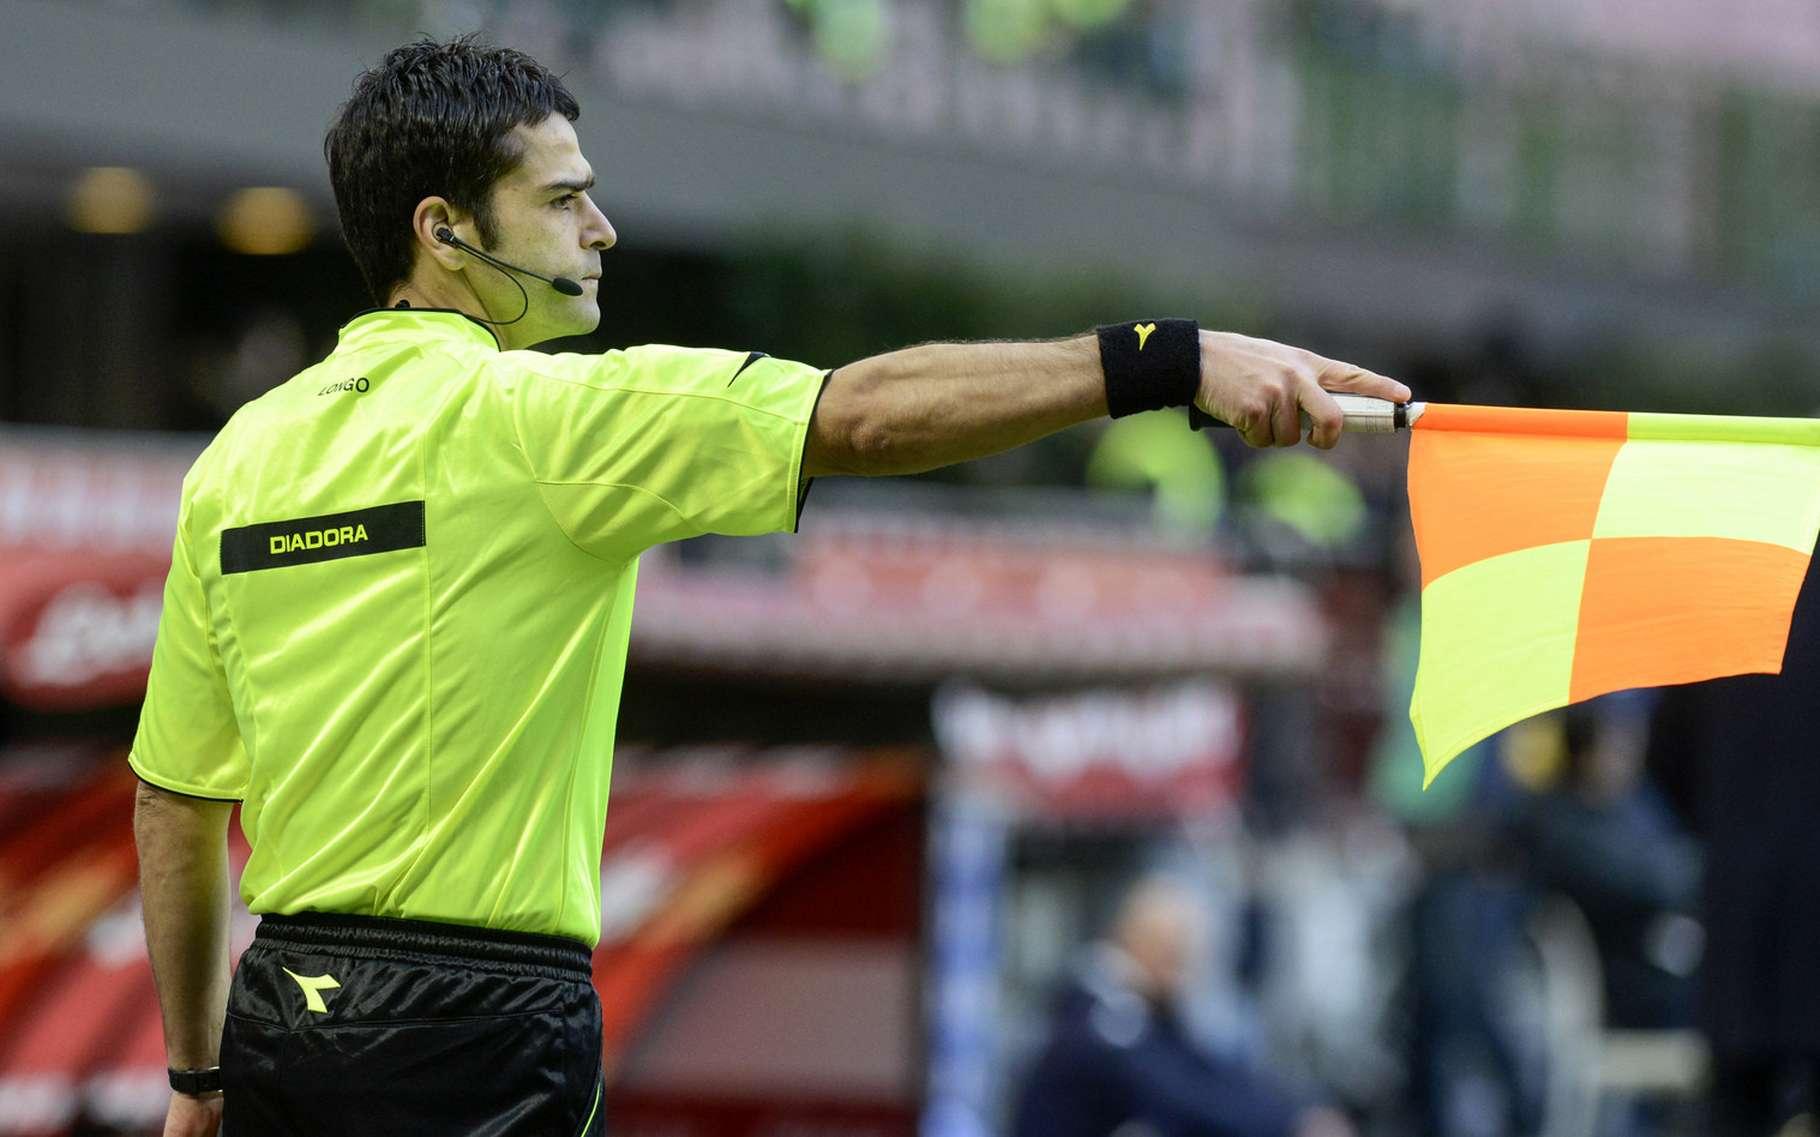 Au football, les arbitres ont bien du mal à juger un hors-jeu. La faute, notamment, aux capacités limitées de l'œil humain. © Paolo Bona, Shutterstock